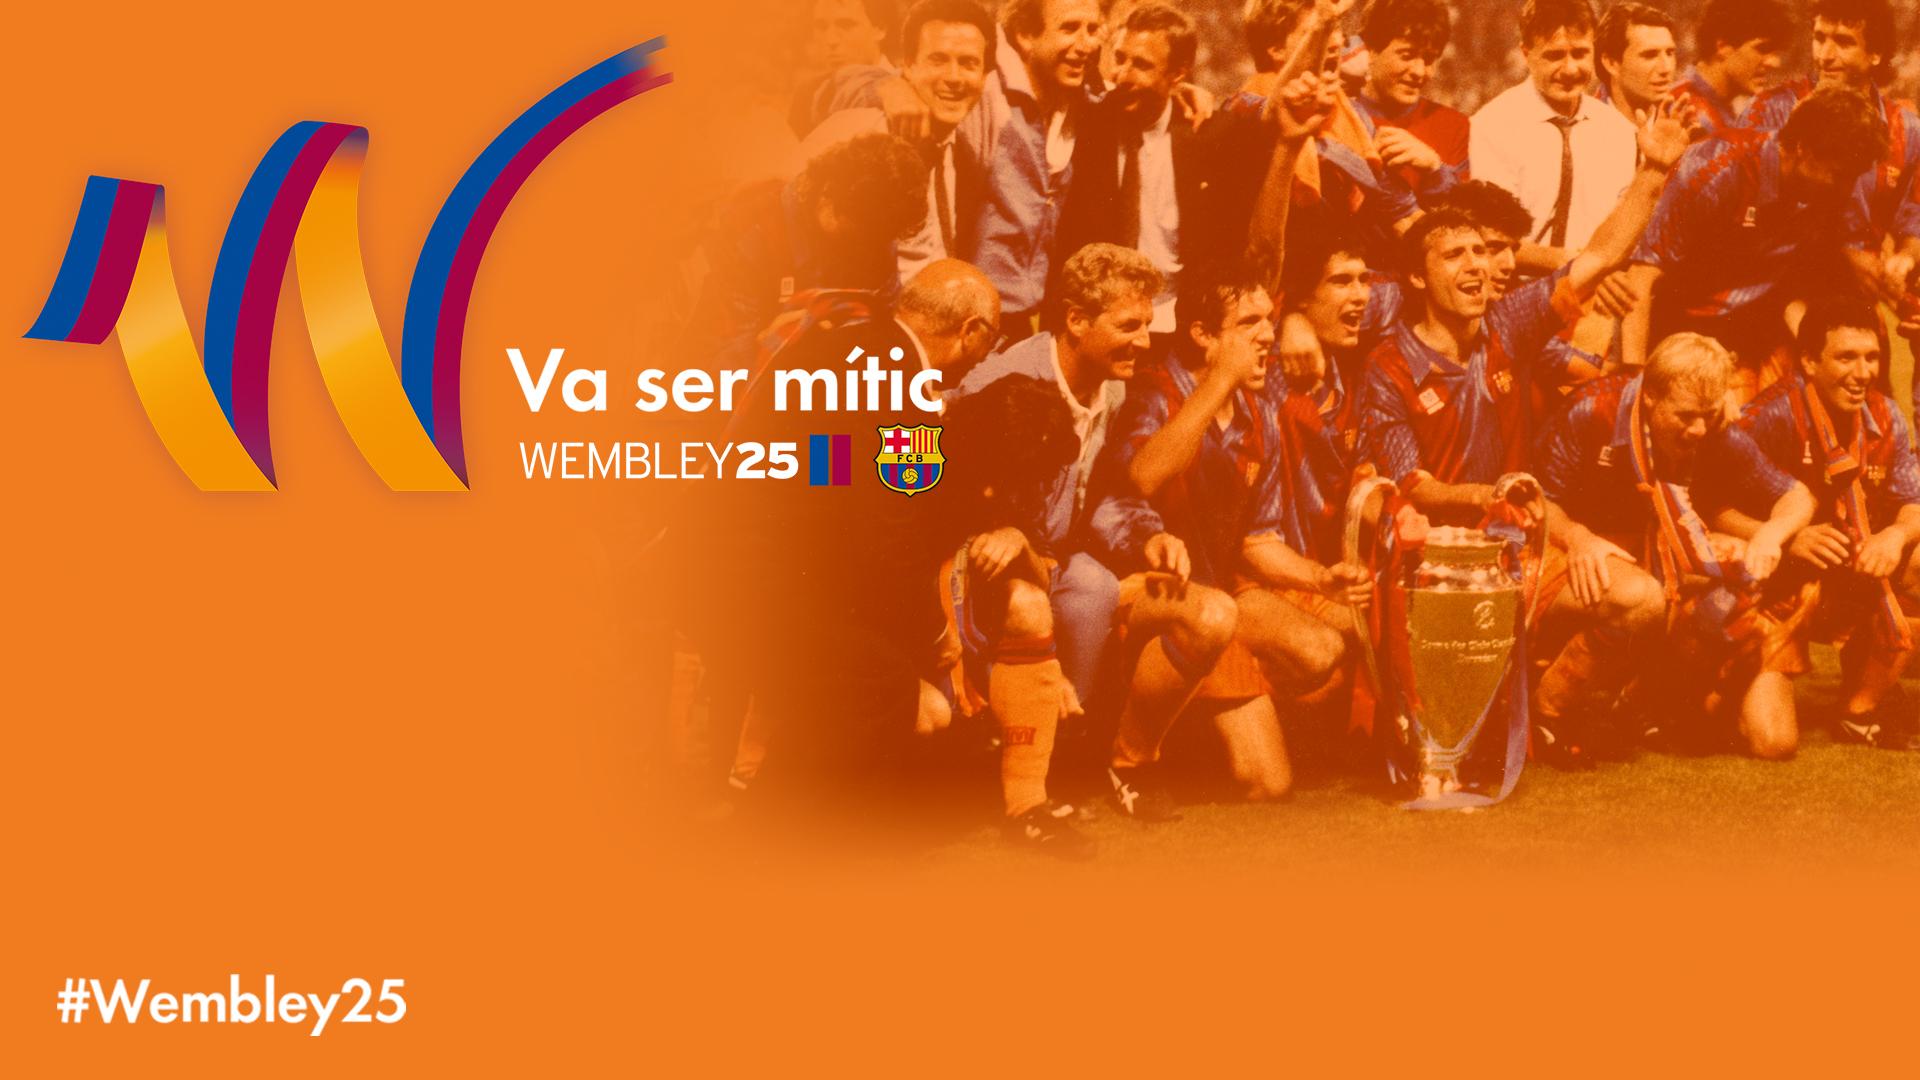 Thumbnail for Així ha estat l'homenatge als herois de Wembley 92 /Así ha sido el homenaje a los héroes de Wembley 92